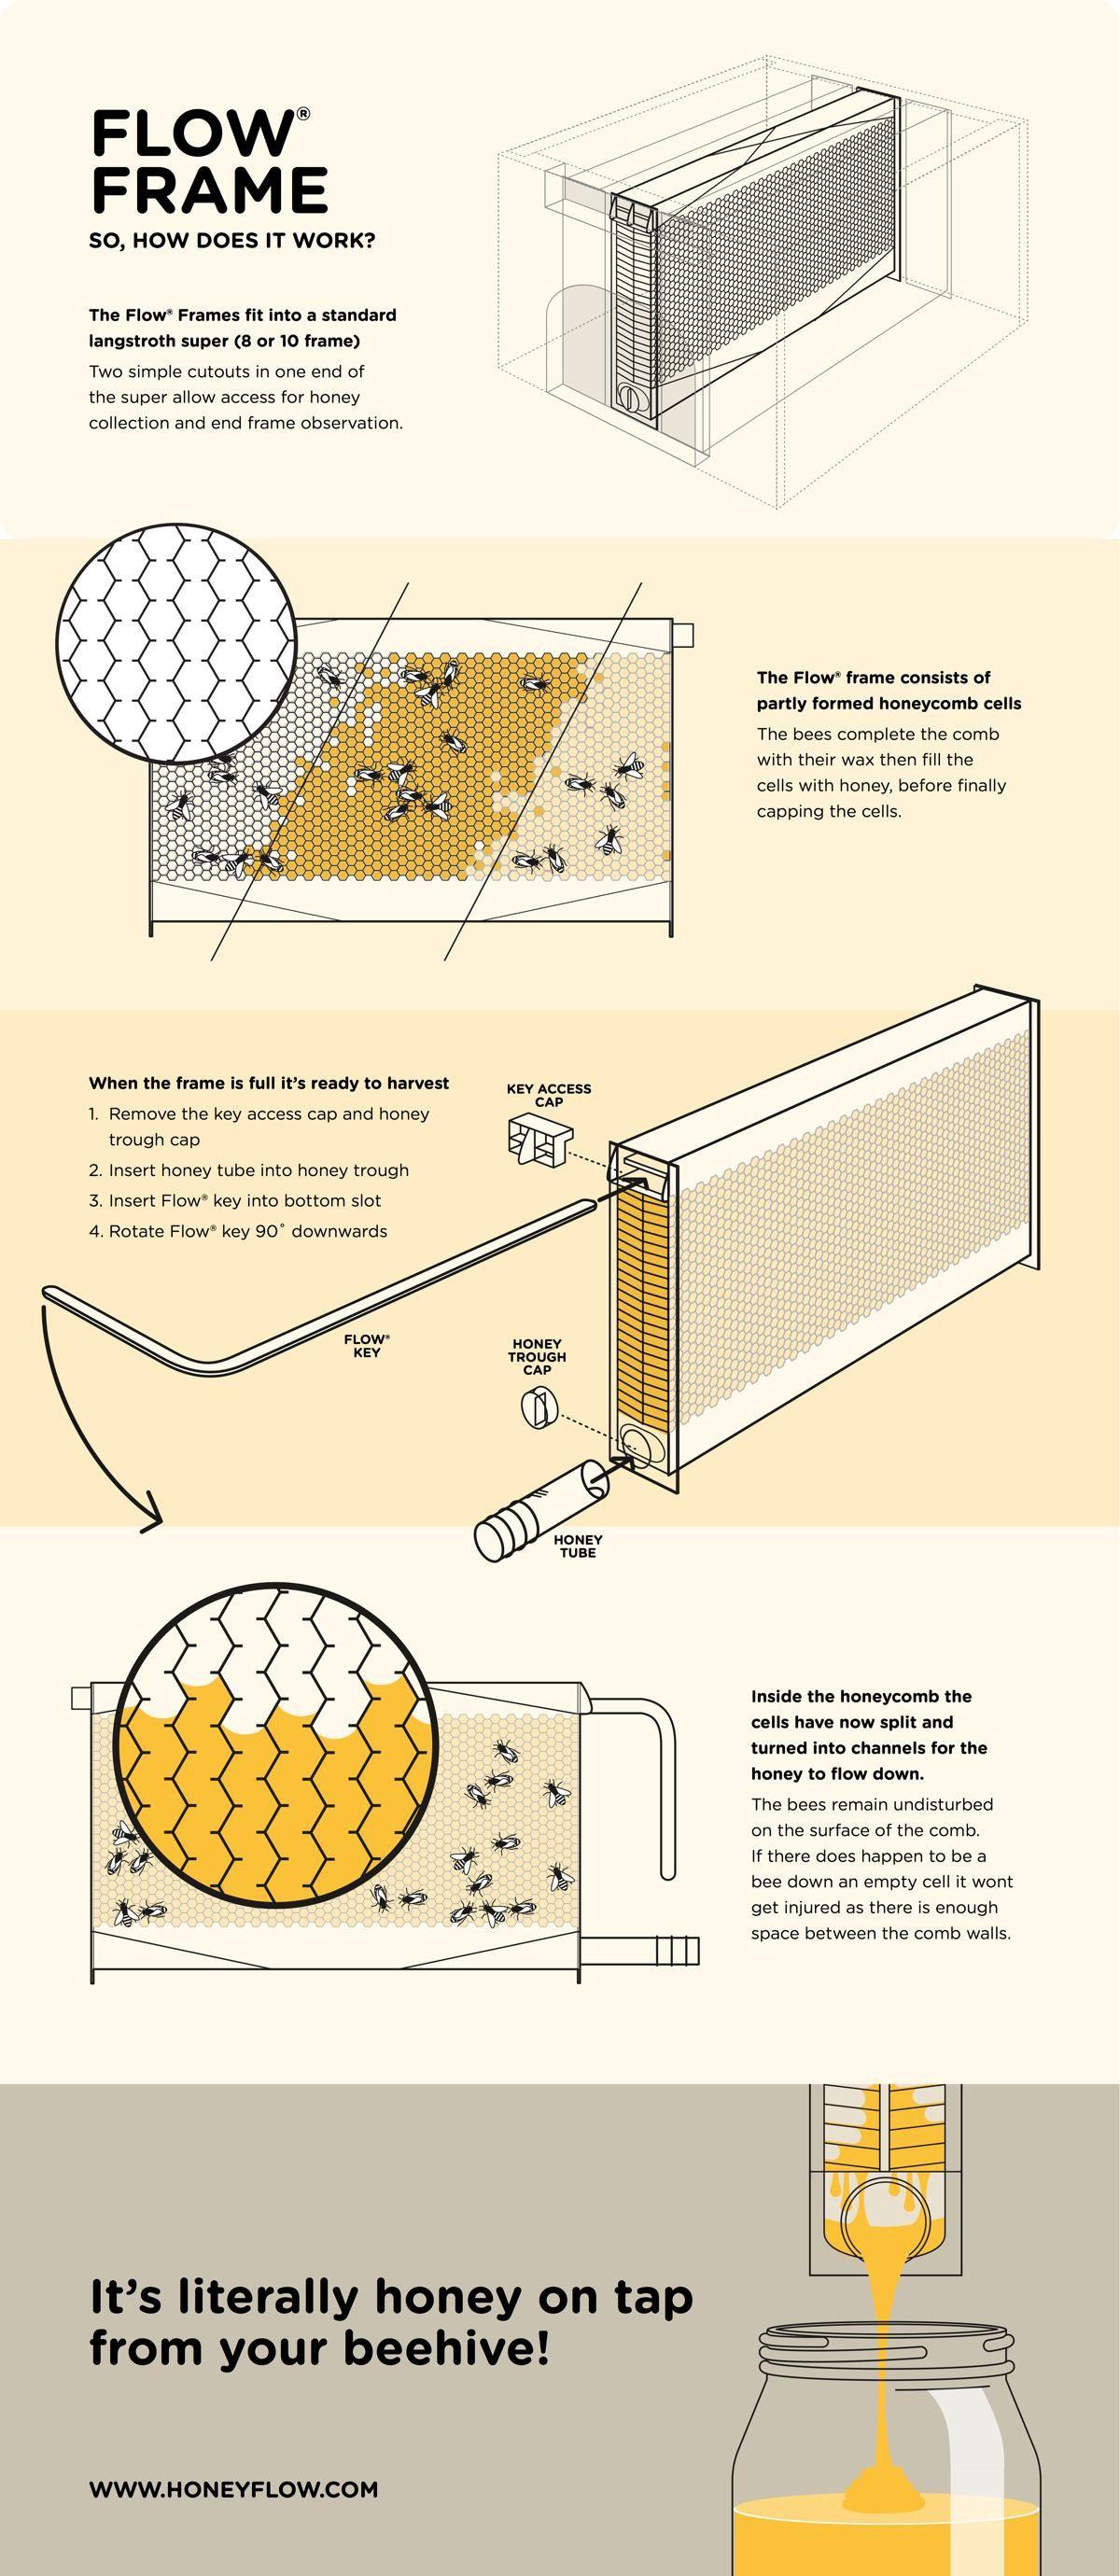 how flow works flow hive [ 1200 x 2760 Pixel ]